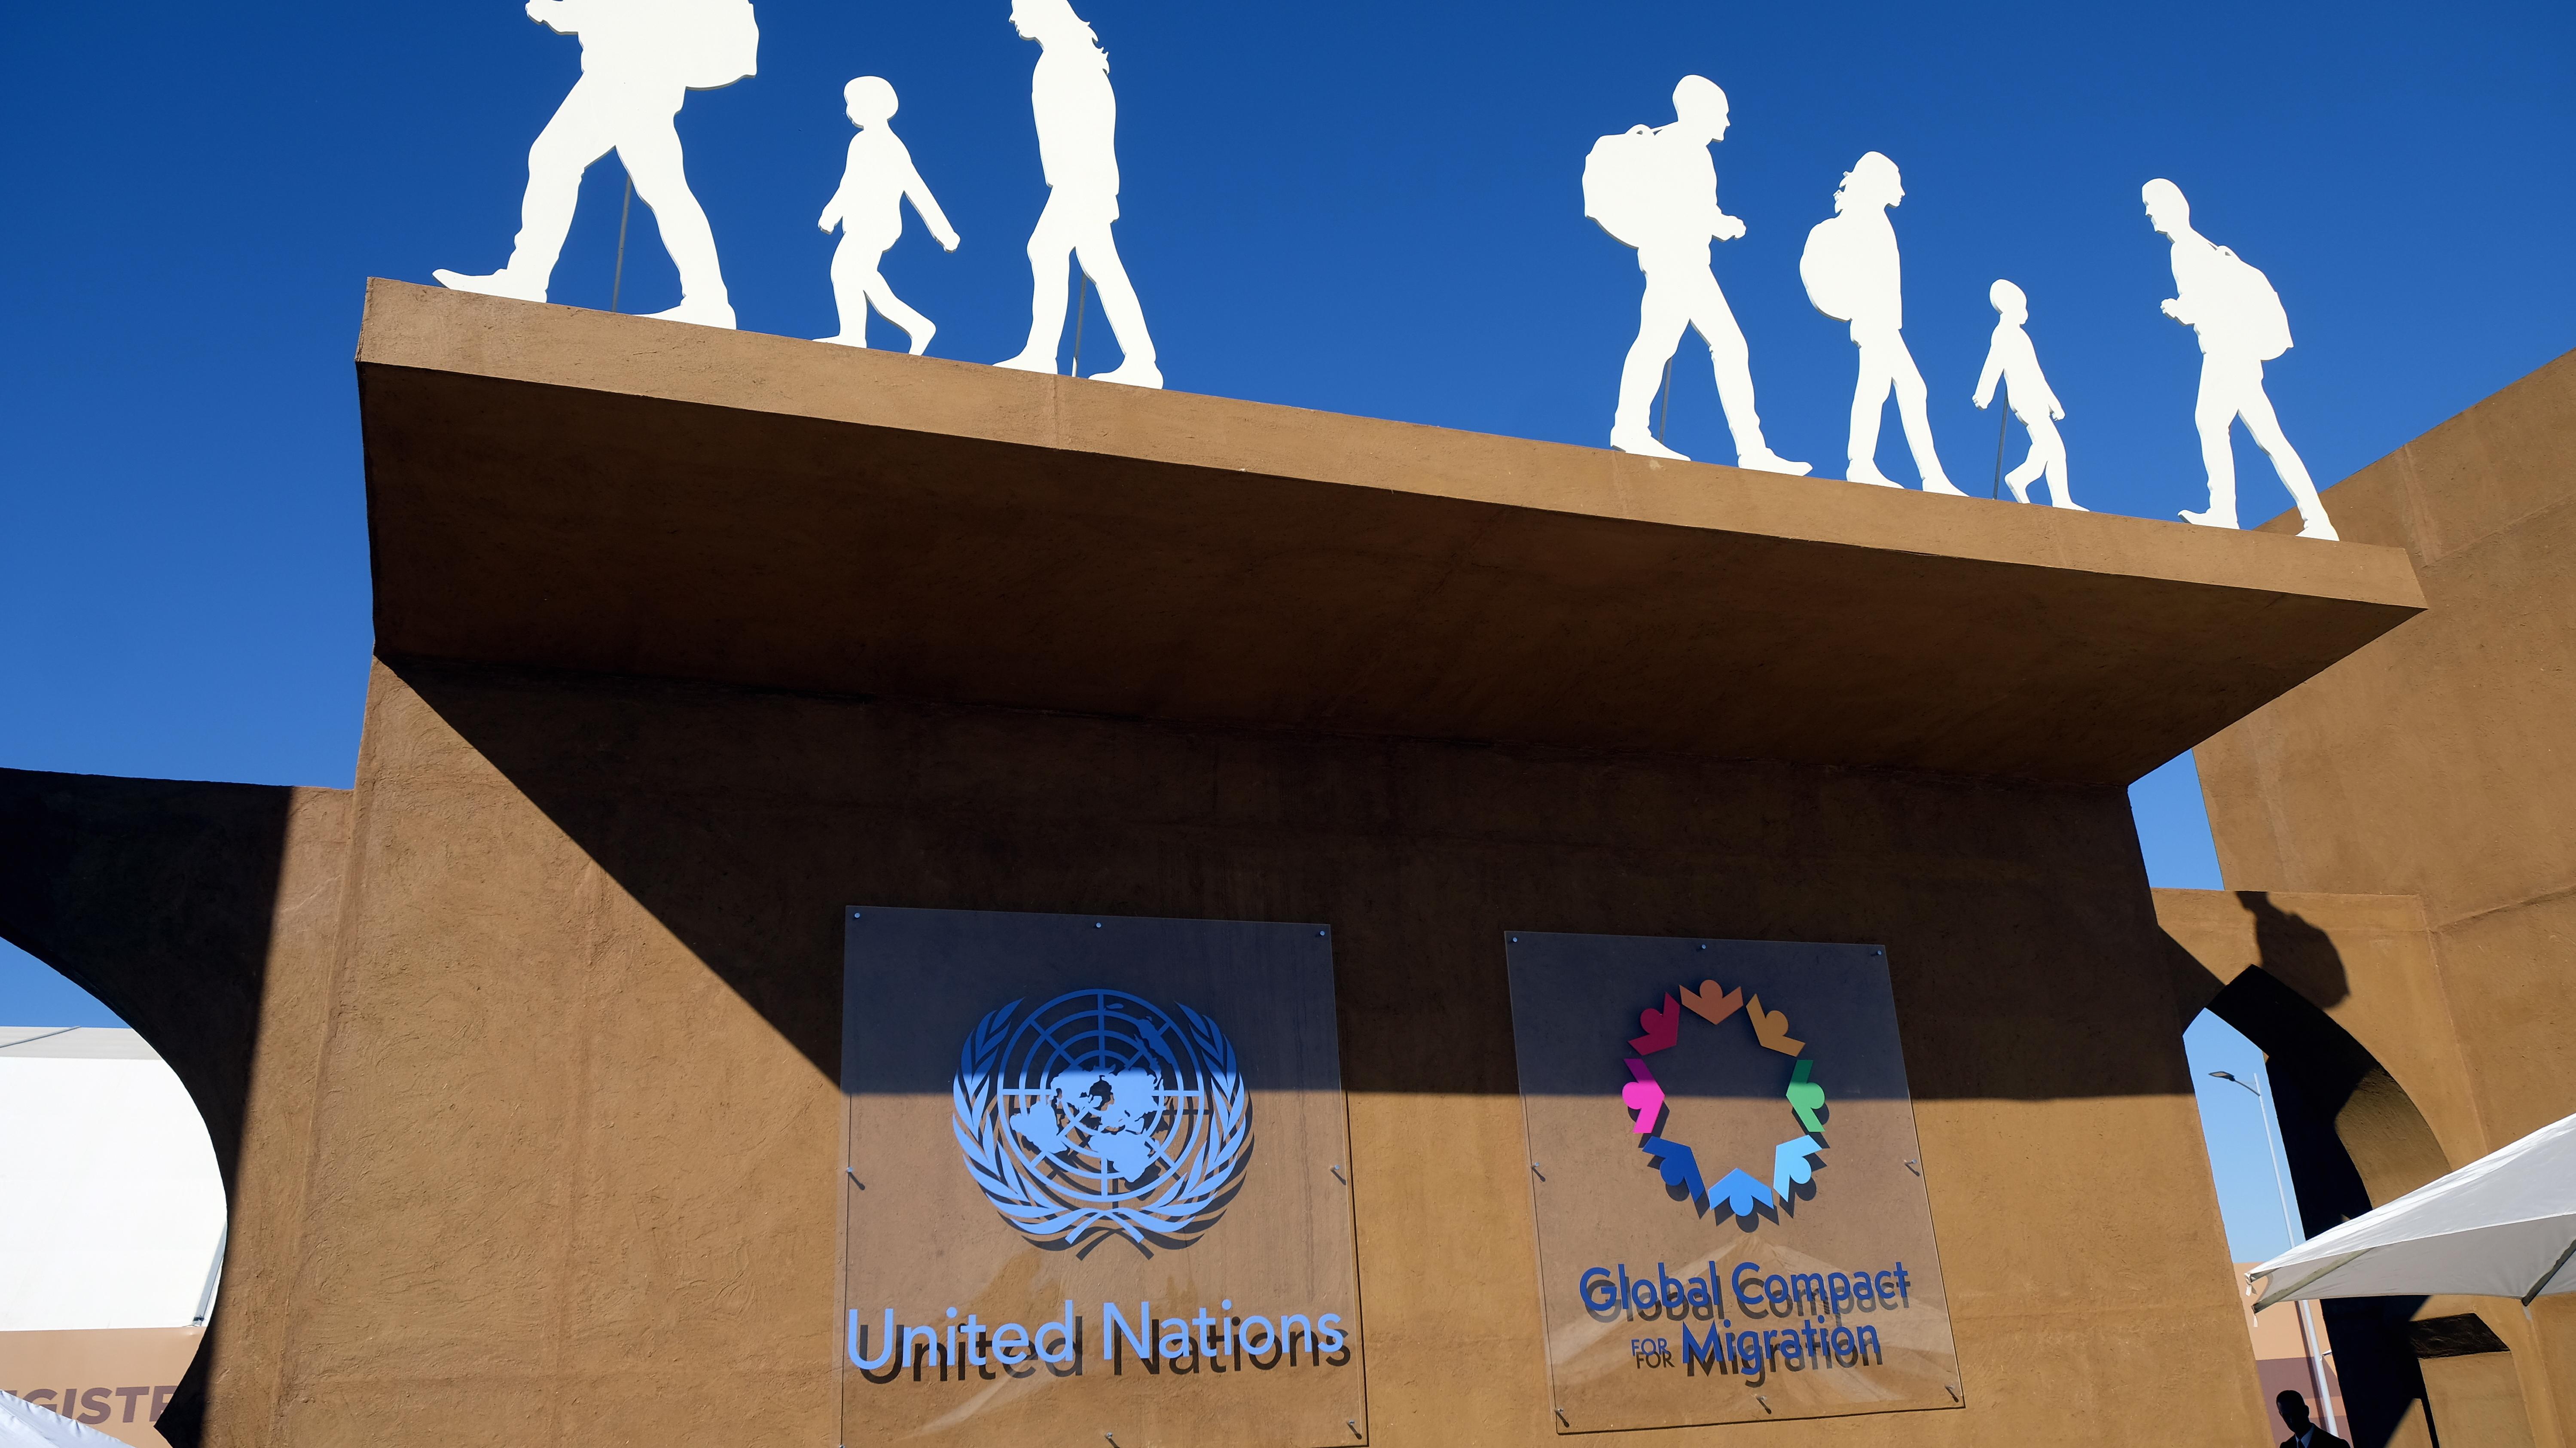 Die Logos der Vereinten Nationen (United Nations) und des Migrationspakts (Global Compact For Migration)